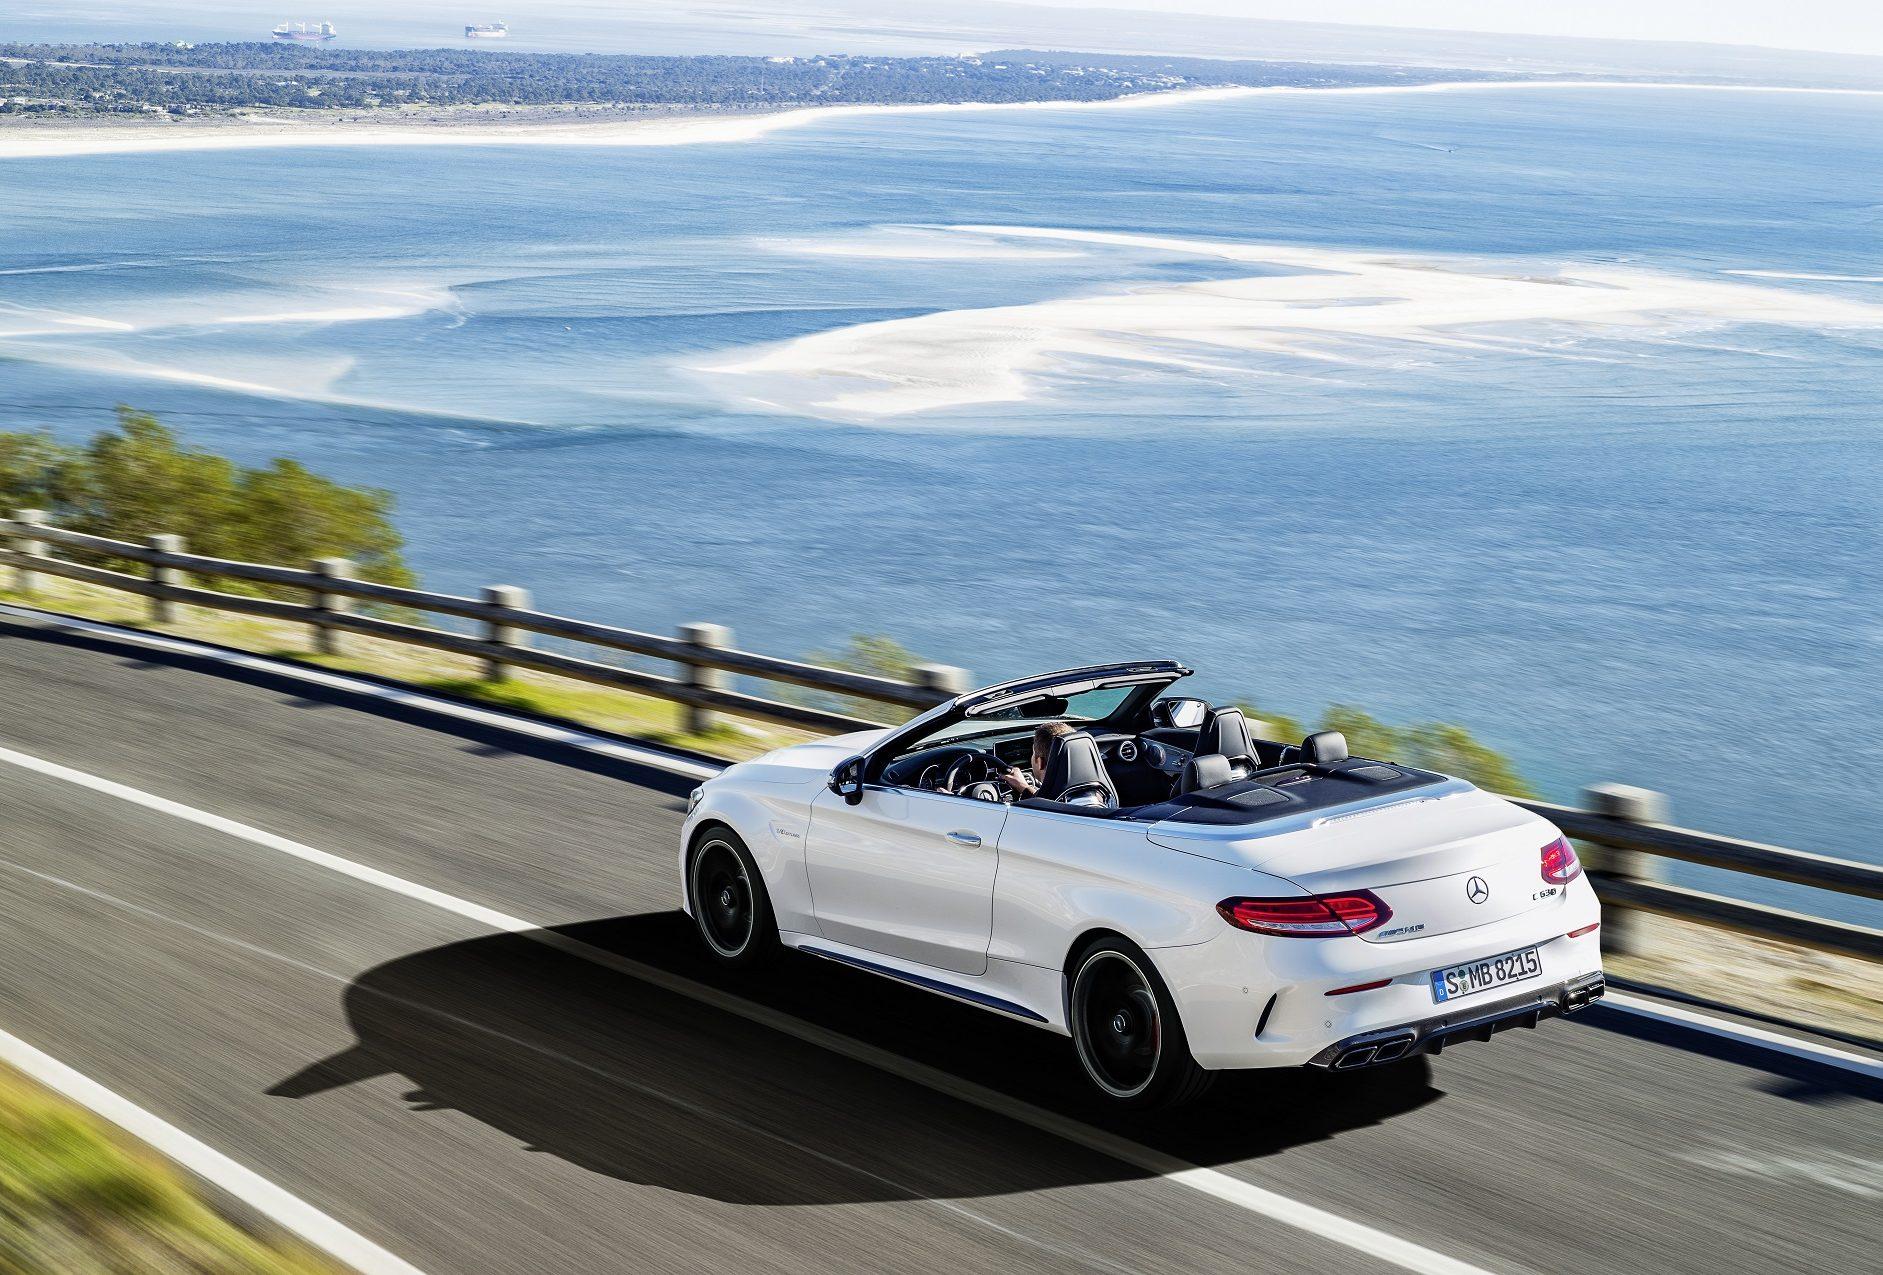 Mercedes-AMG C 63 S Cabriolet( A 205); 2016; Exterieur: designo diamantweiß bright; Interieur: AMG Leder Nappa platinweiß pearl/schwarz ;Kraftstoffverbrauch kombiniert (l/100 km):  8,9, CO2-Emissionen kombiniert (g/km): 208  Mercedes-AMG C 63 S Cabriolet( A 205); 2016; exterior: designo diamond white bright; interior: AMG nappa leather platinium white pearl/black; Fuel consumption, combined (l/100 km): 8.9, CO2 emissions, combined (g/km): 208